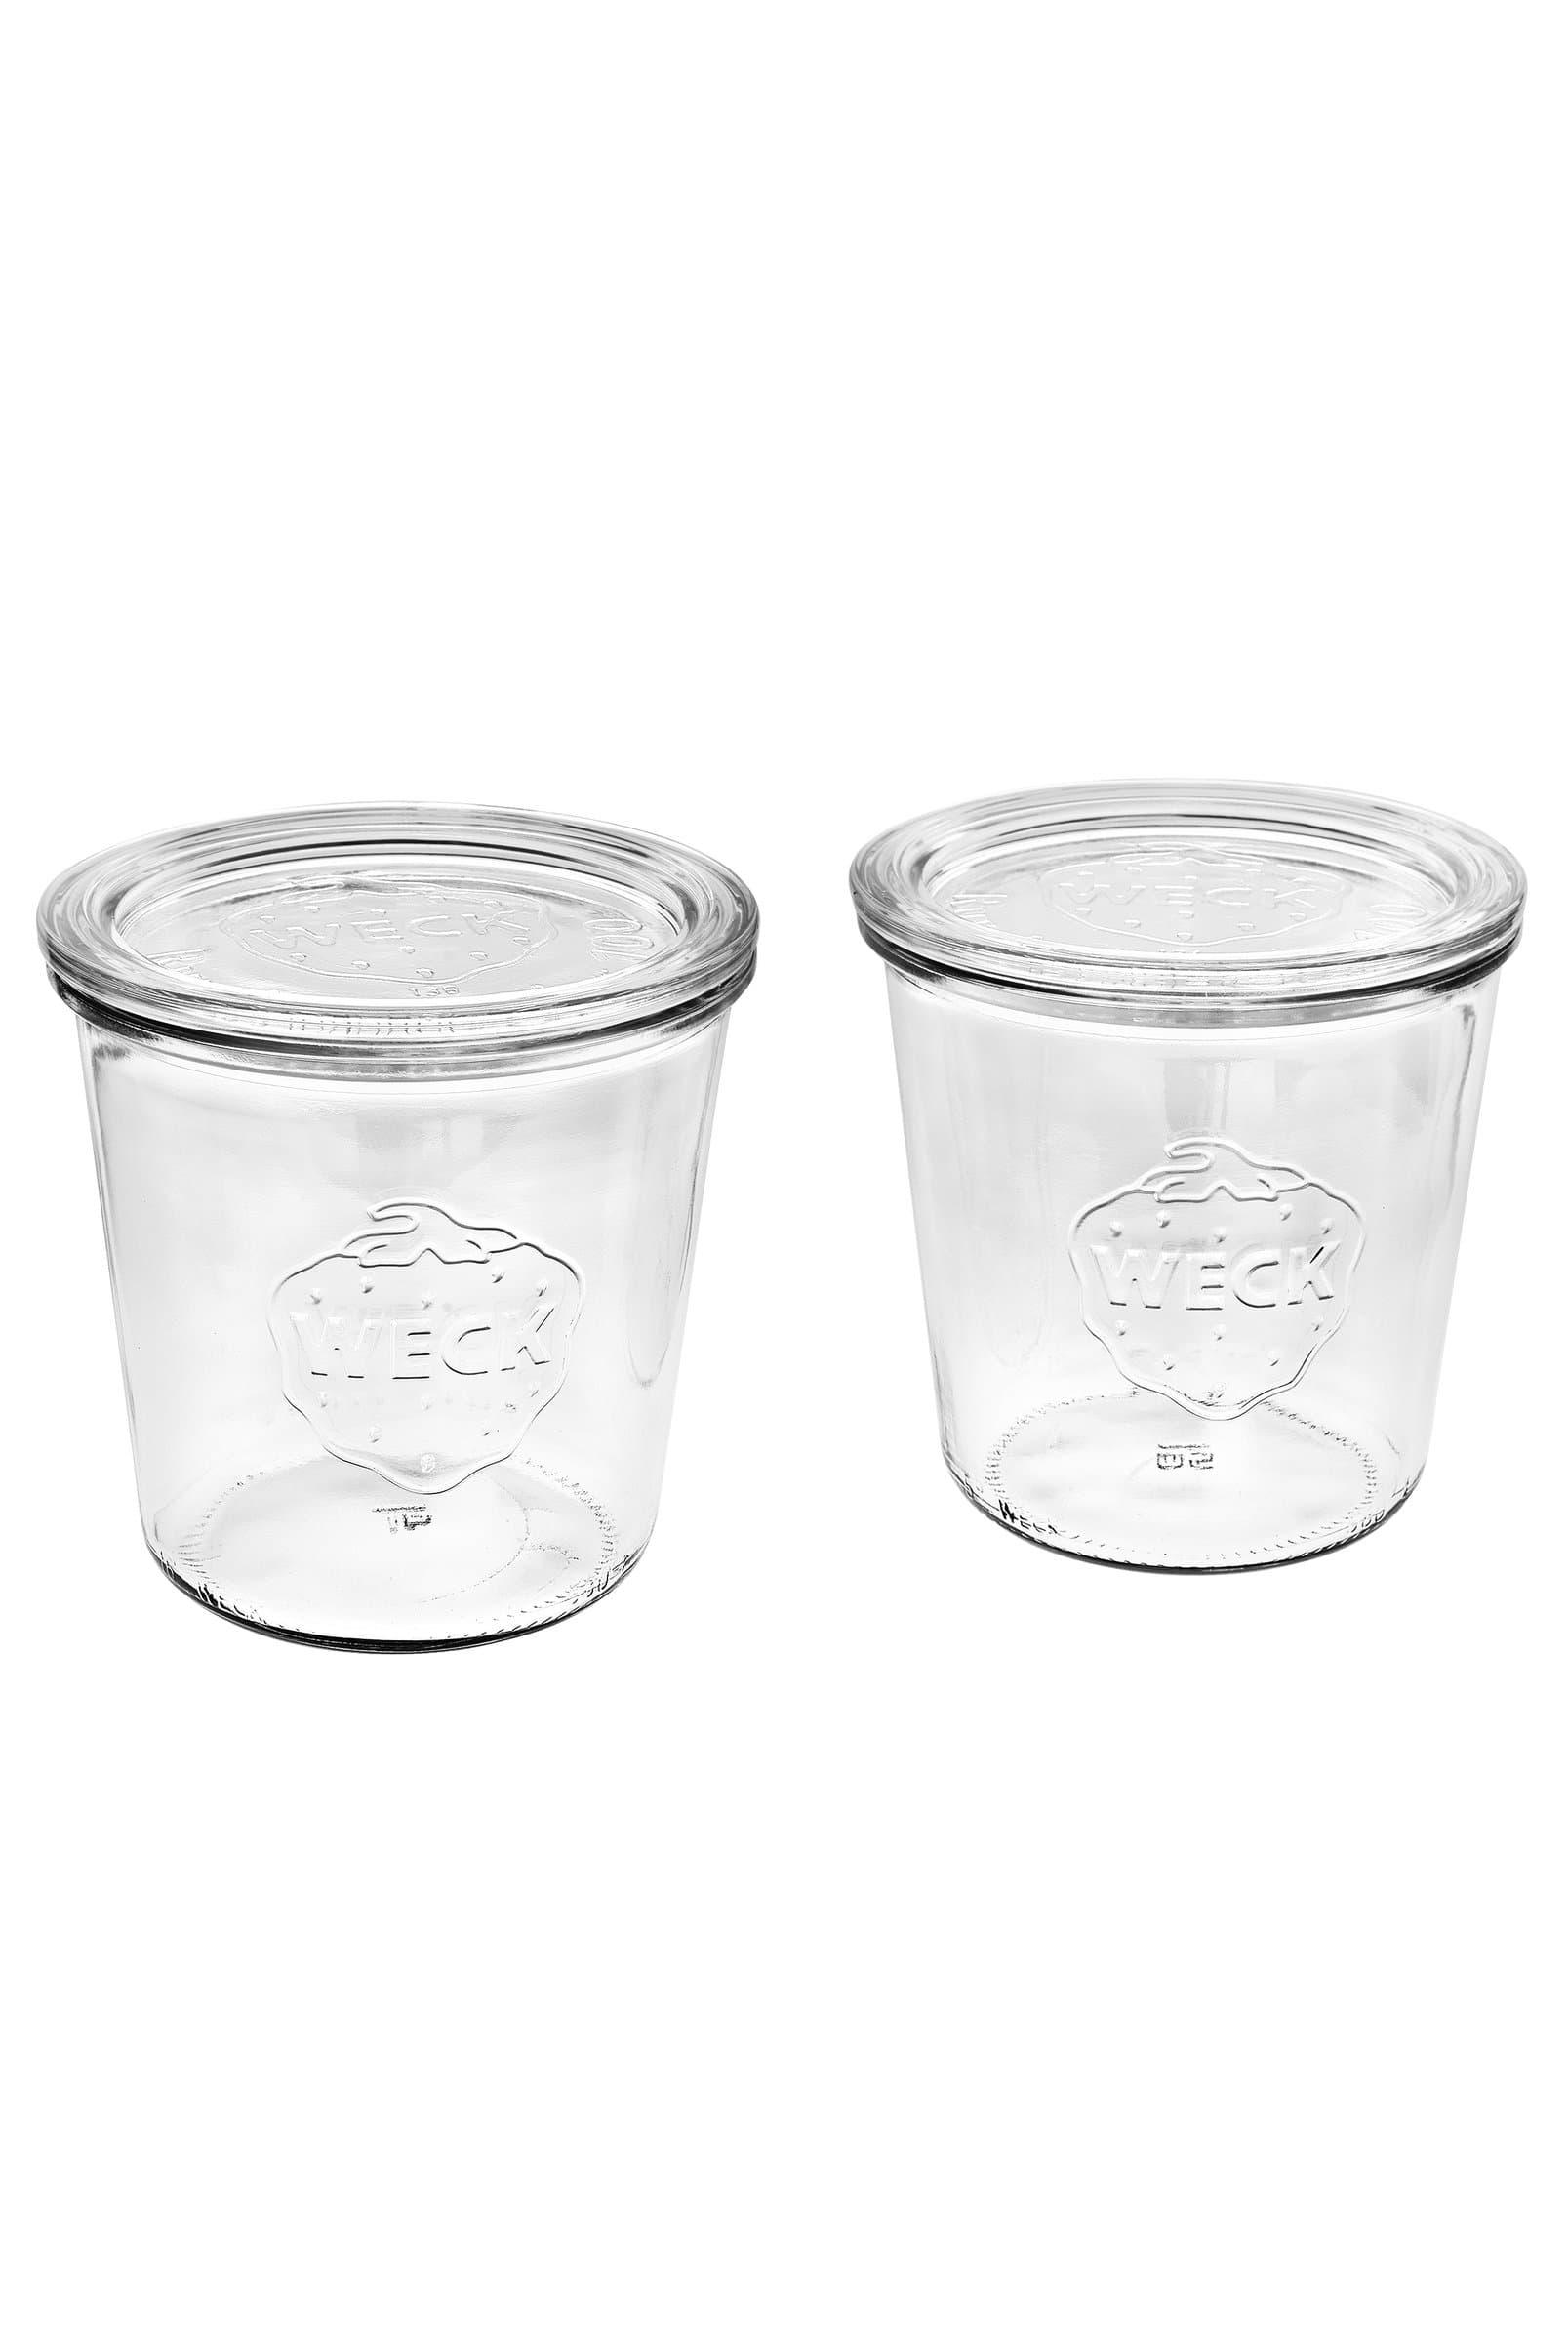 Weck WECK® Rundrandglas-Set